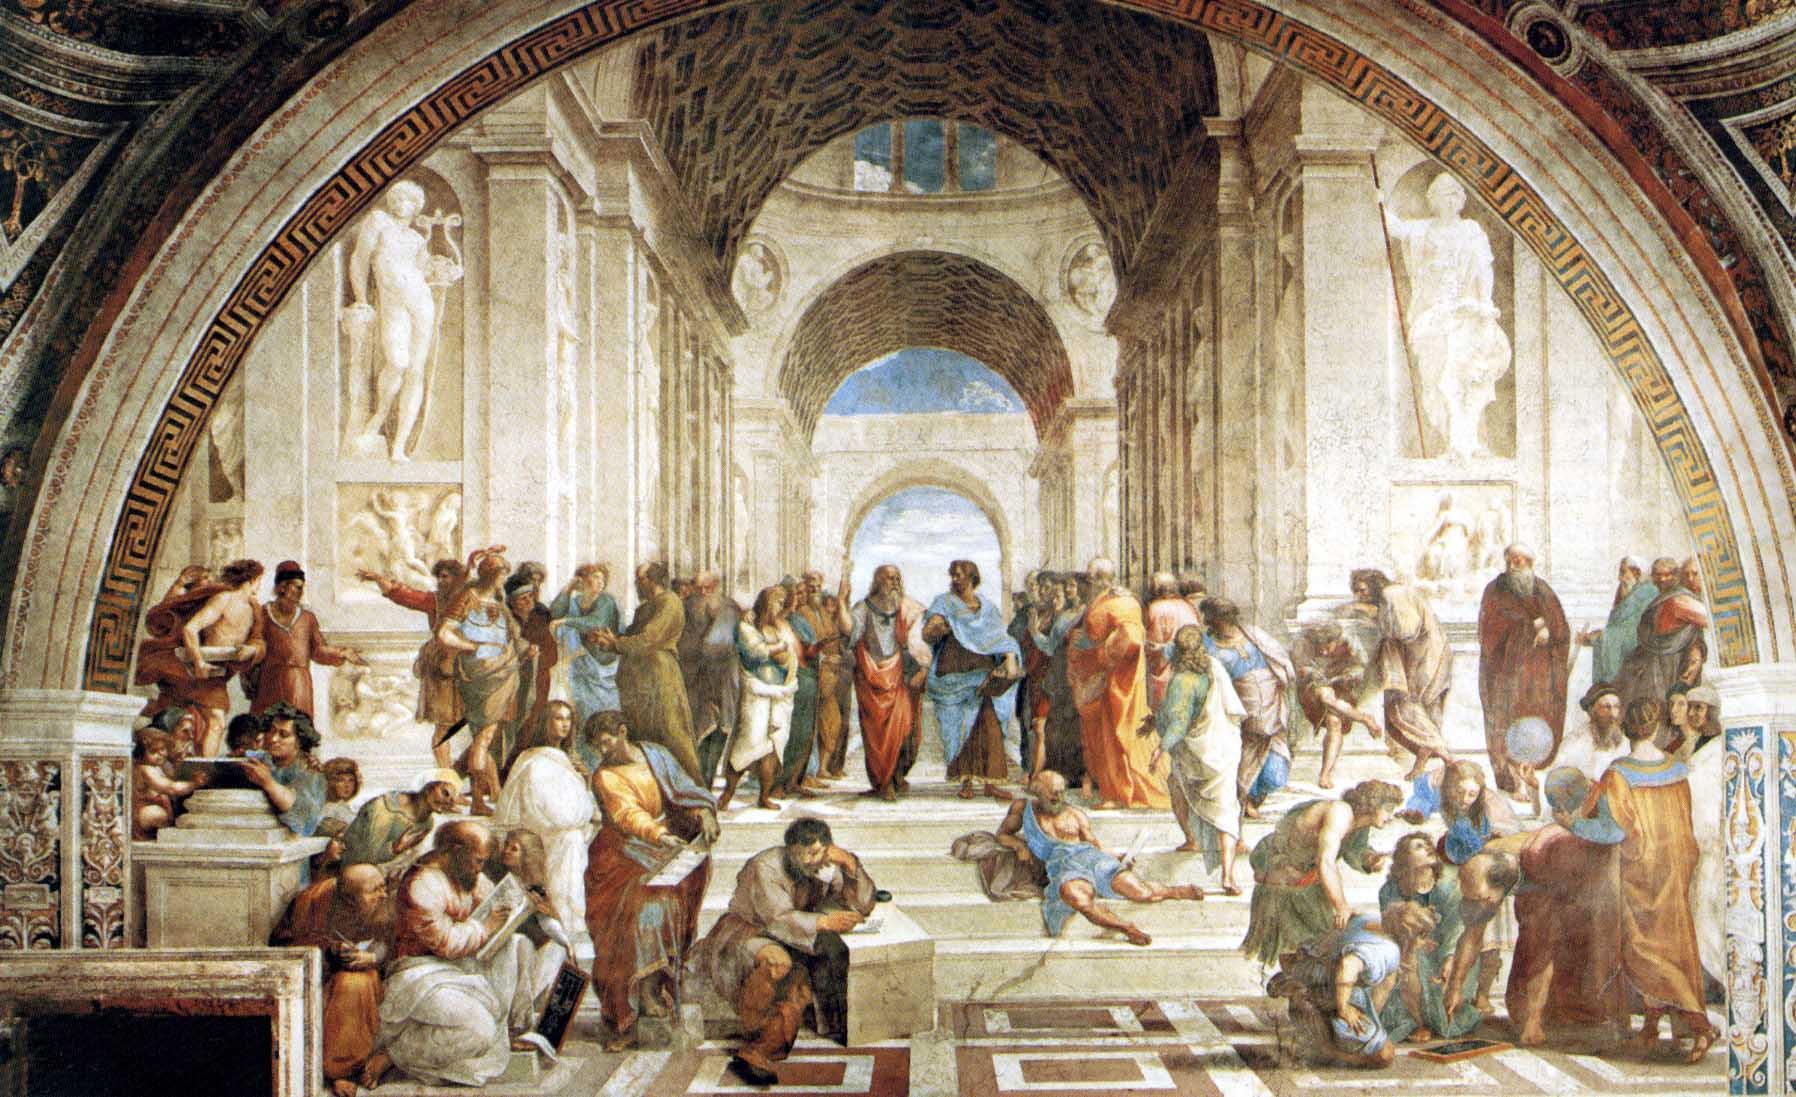 Афинская школа, Рафаэль, 1511.jpg